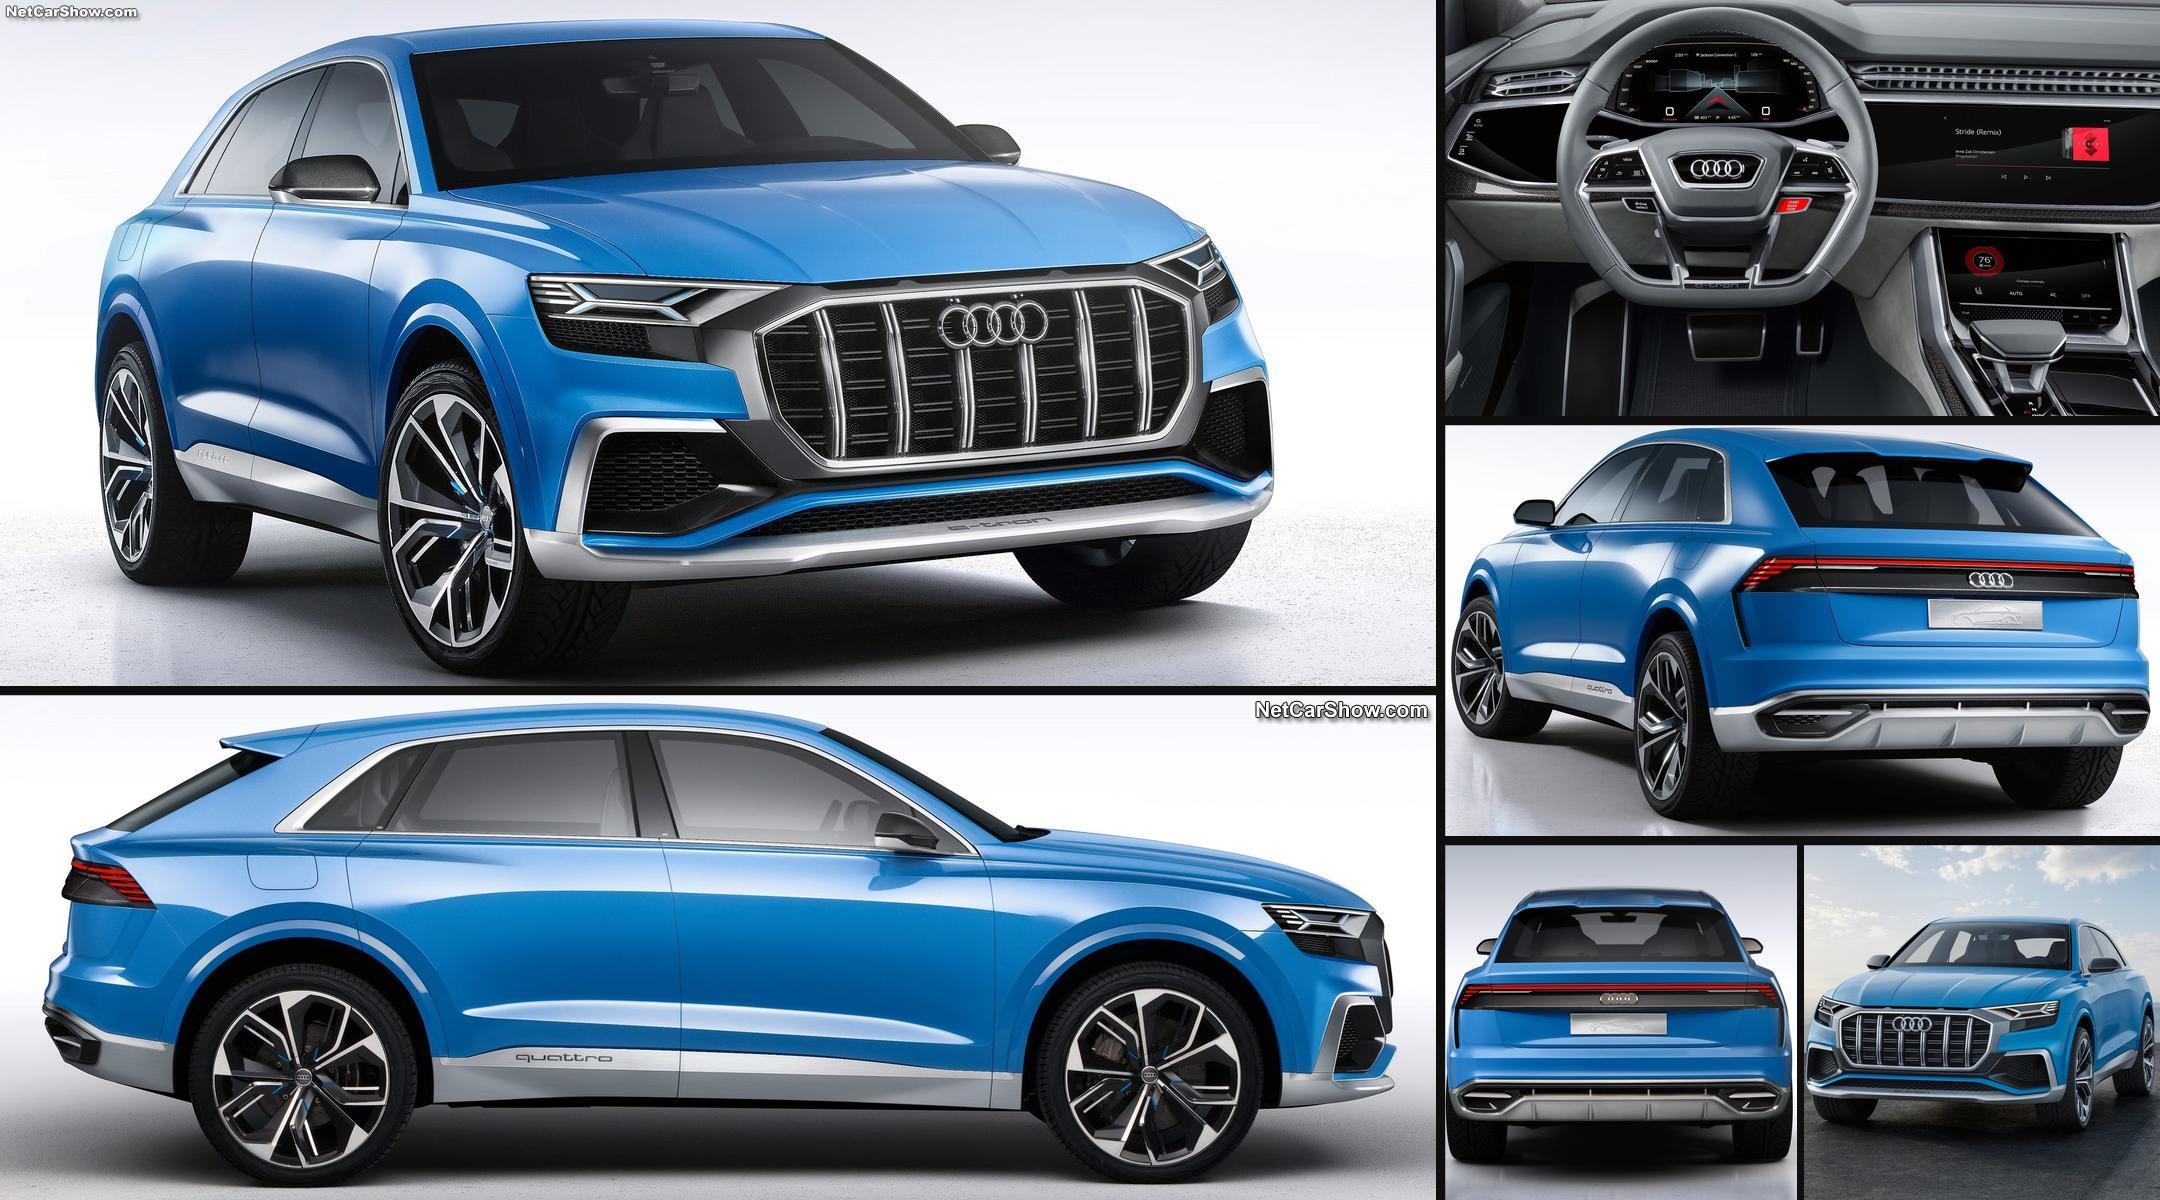 Lujo elevado a la expresión absoluta para un modelo cumbre de Audi que destaca en su conjunto y será uno de los SUV elegidos para la gloria en su segmento